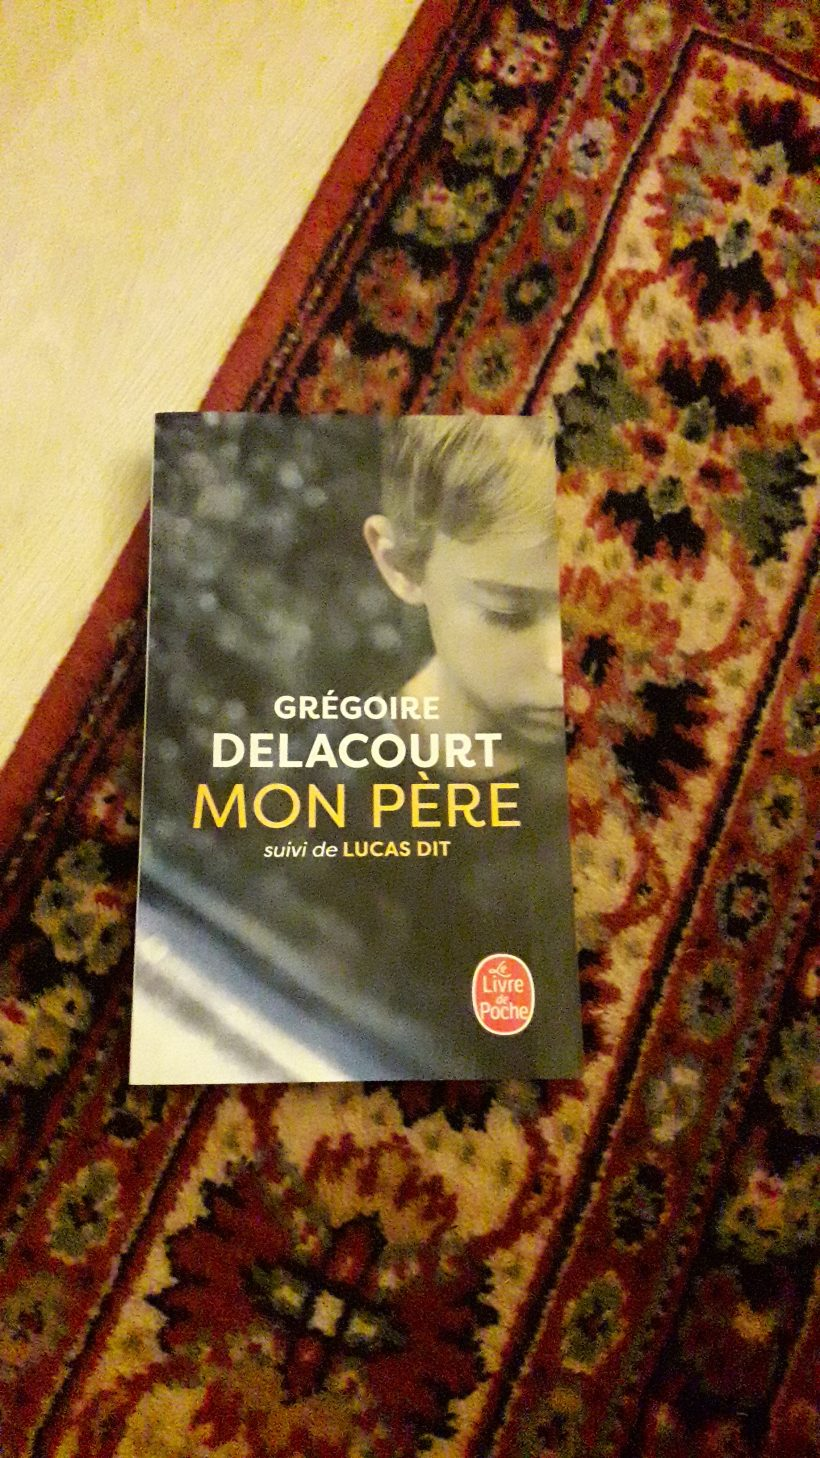 Mon père de Grégoire Delacourt